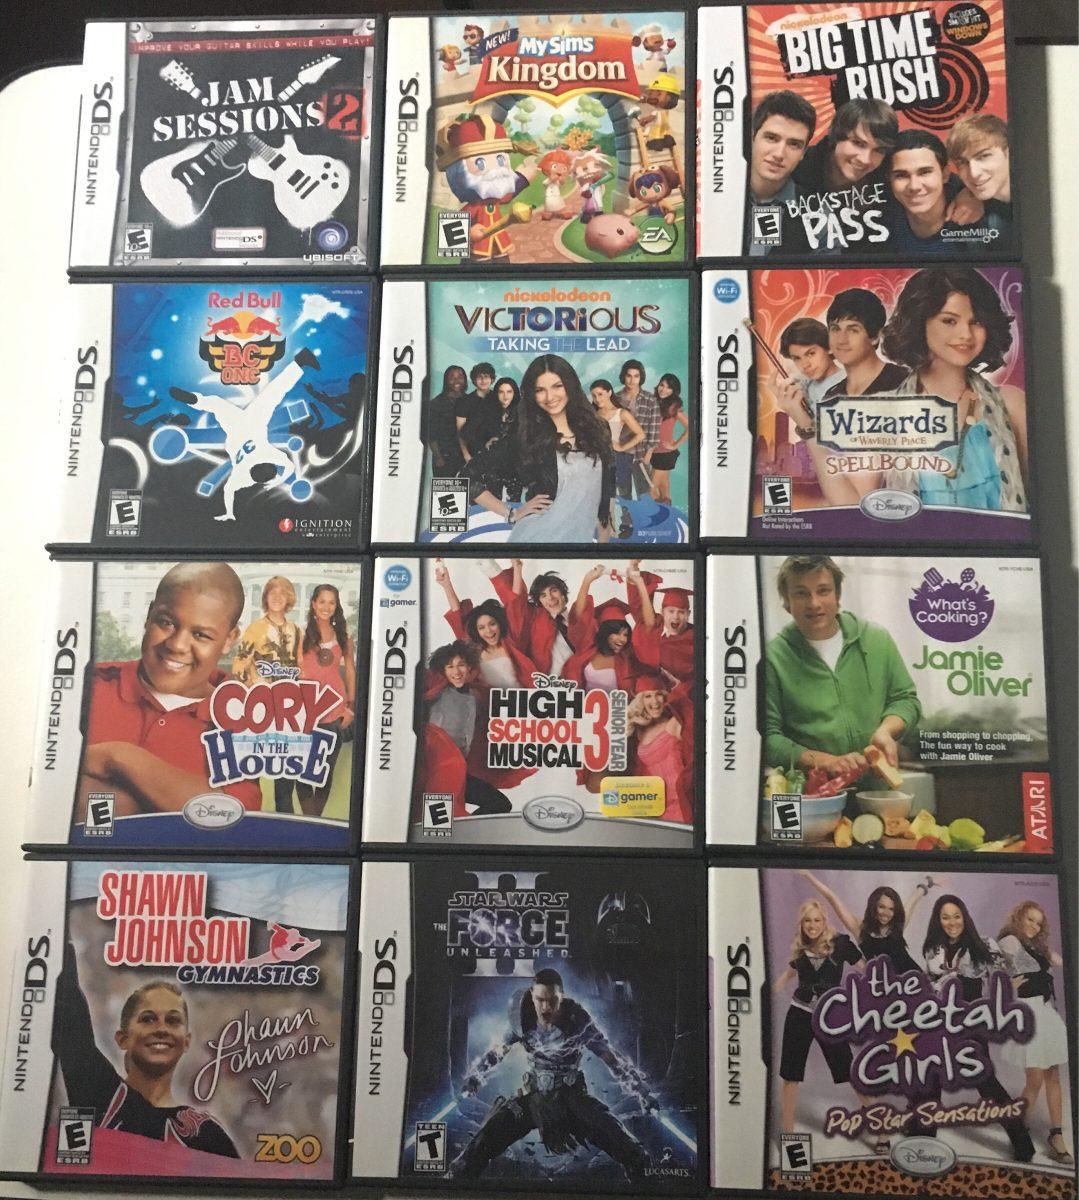 Lote De Juegos Nintendo Ds Nds Games 1 500 00 En Mercado Libre